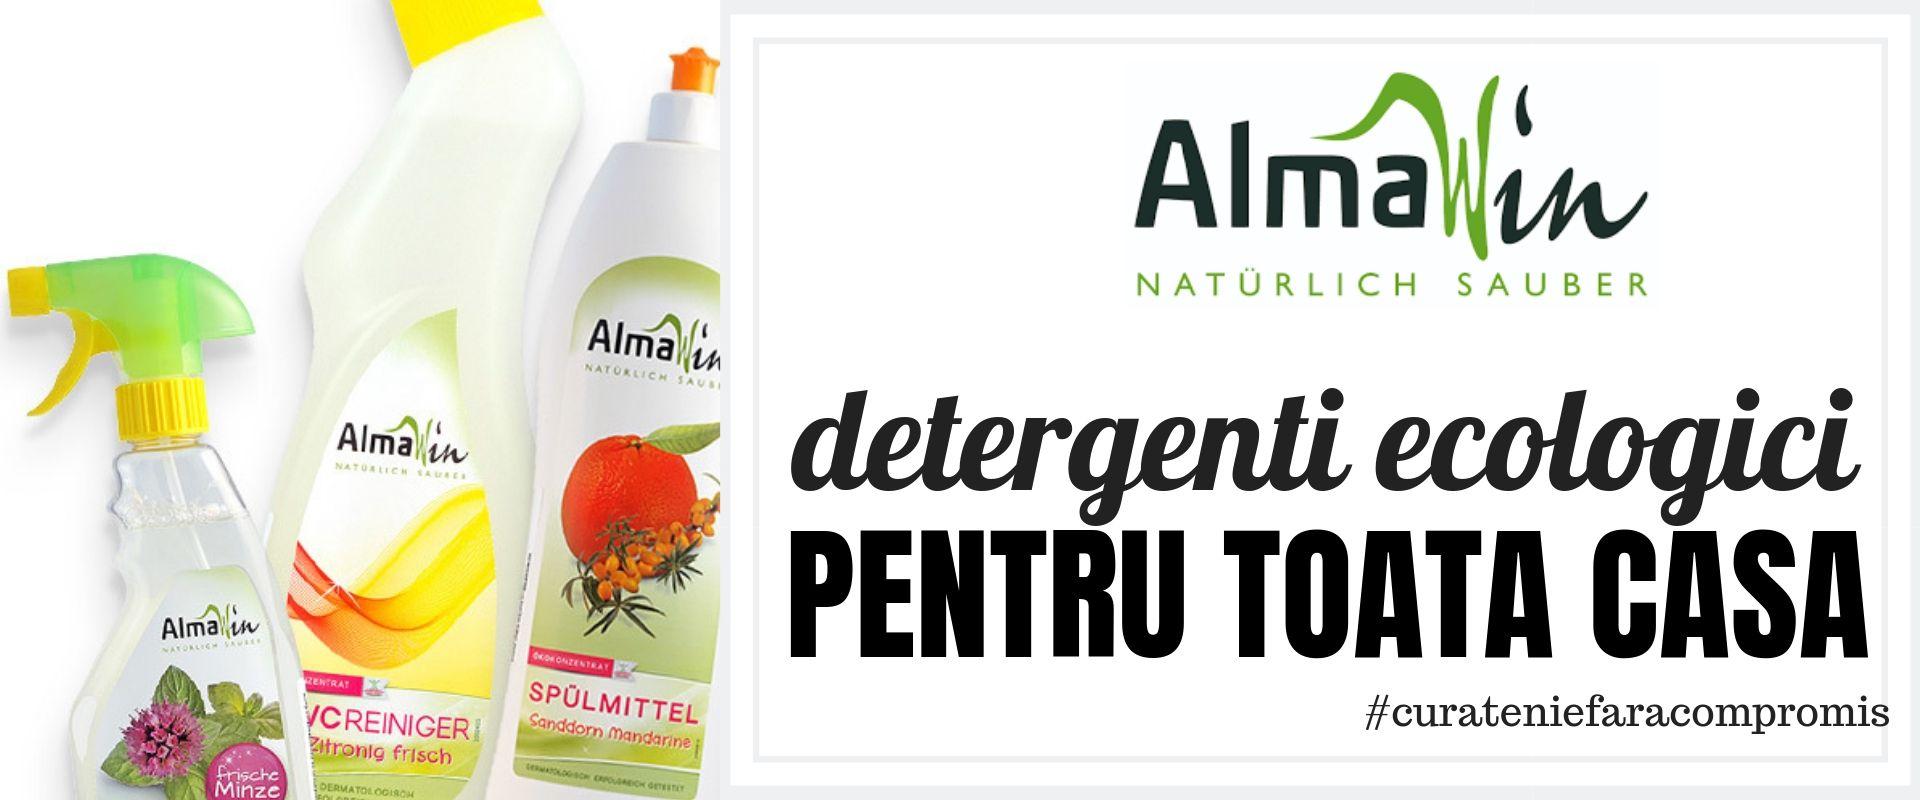 Detergenti ecologici AlmaWin